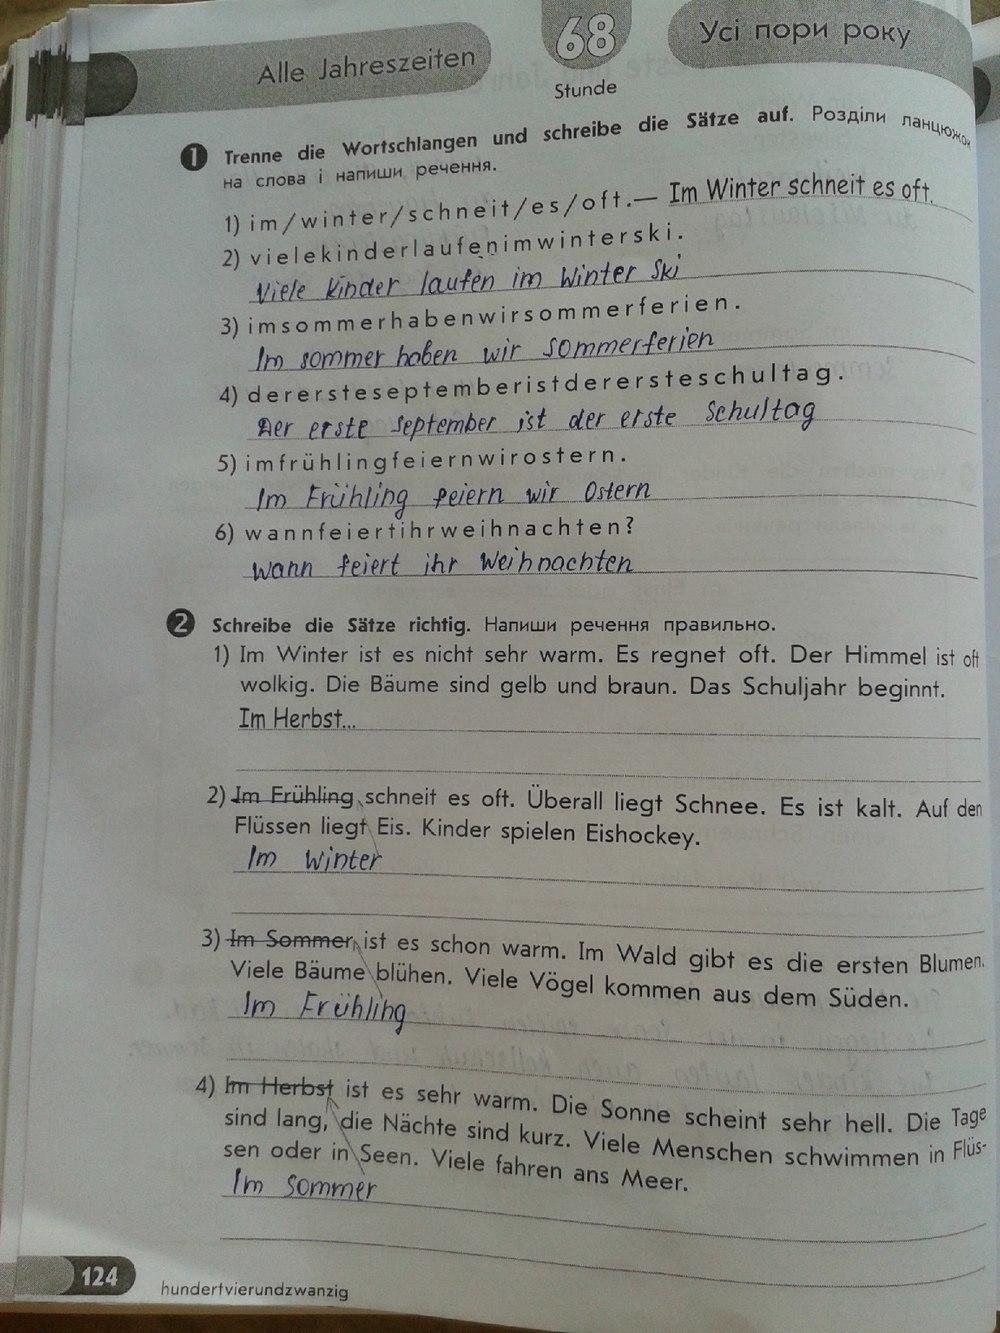 ГДЗ відповіді робочий зошит по немецкому языку 5 класс С.І. Сотникова, Т.Ф. Білоусова. Задание: стр. 124